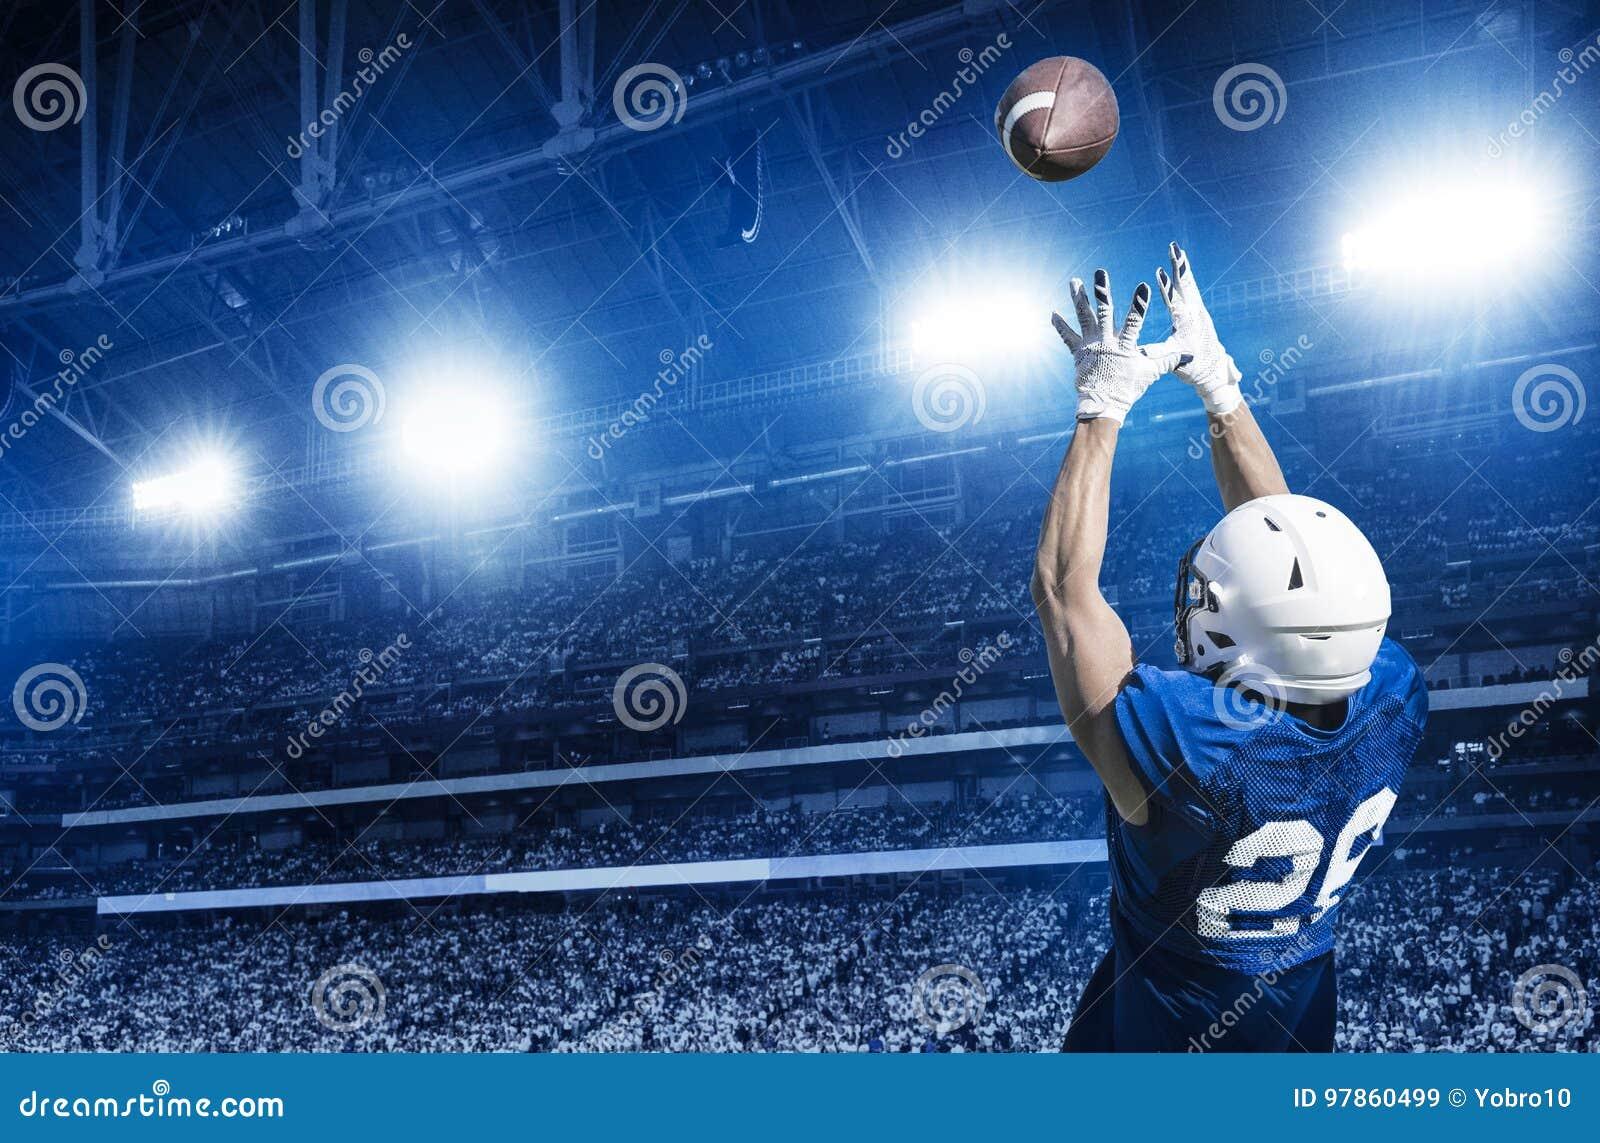 Amerikanischer Fußball-Spieler, der einen Touchdown-Pass fängt